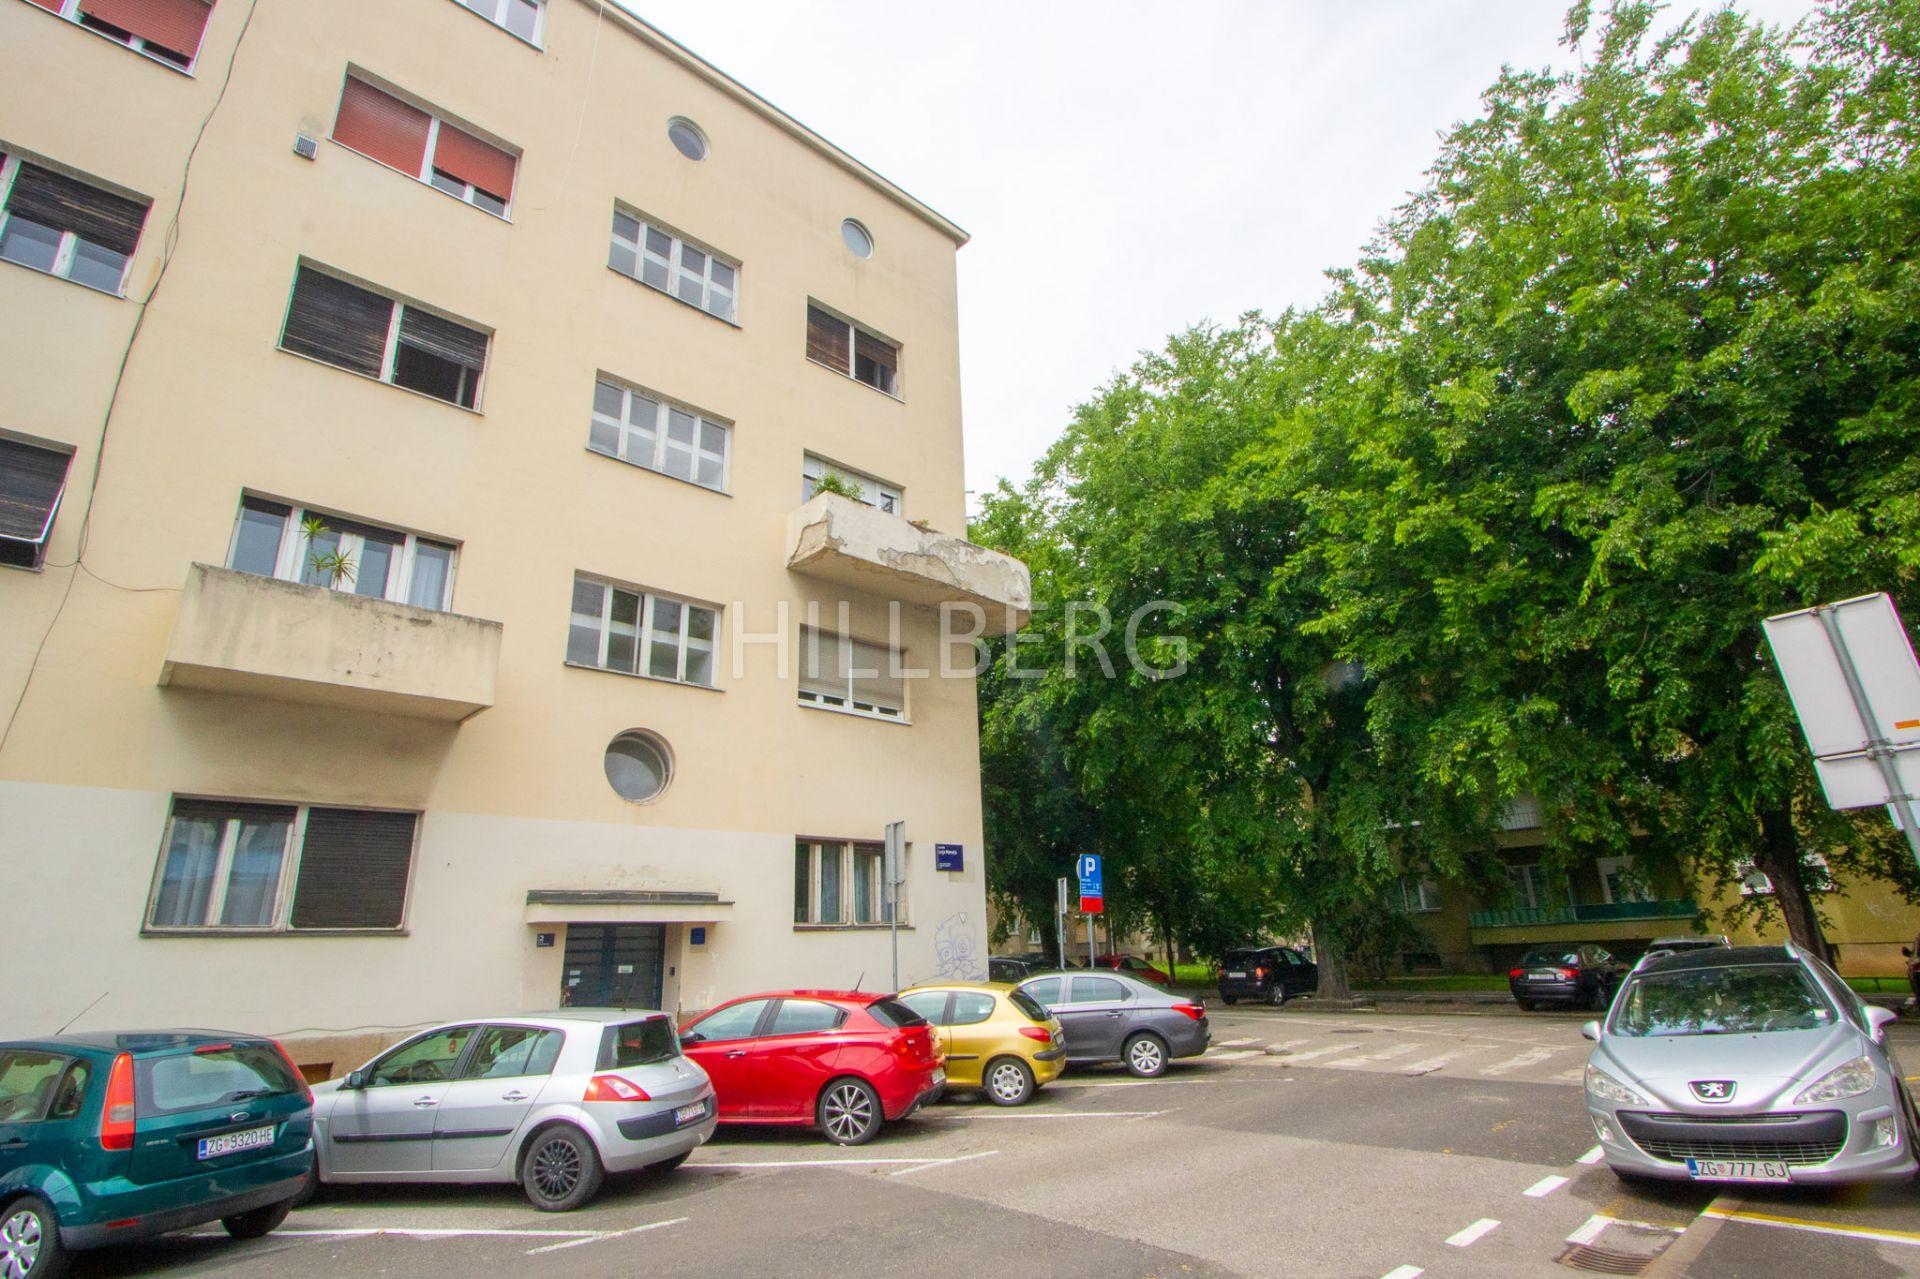 PLEMIĆEVA - BREŠĆENSKOGA - ODLIČNA ZGRADA: 115 M2, 5-SOB